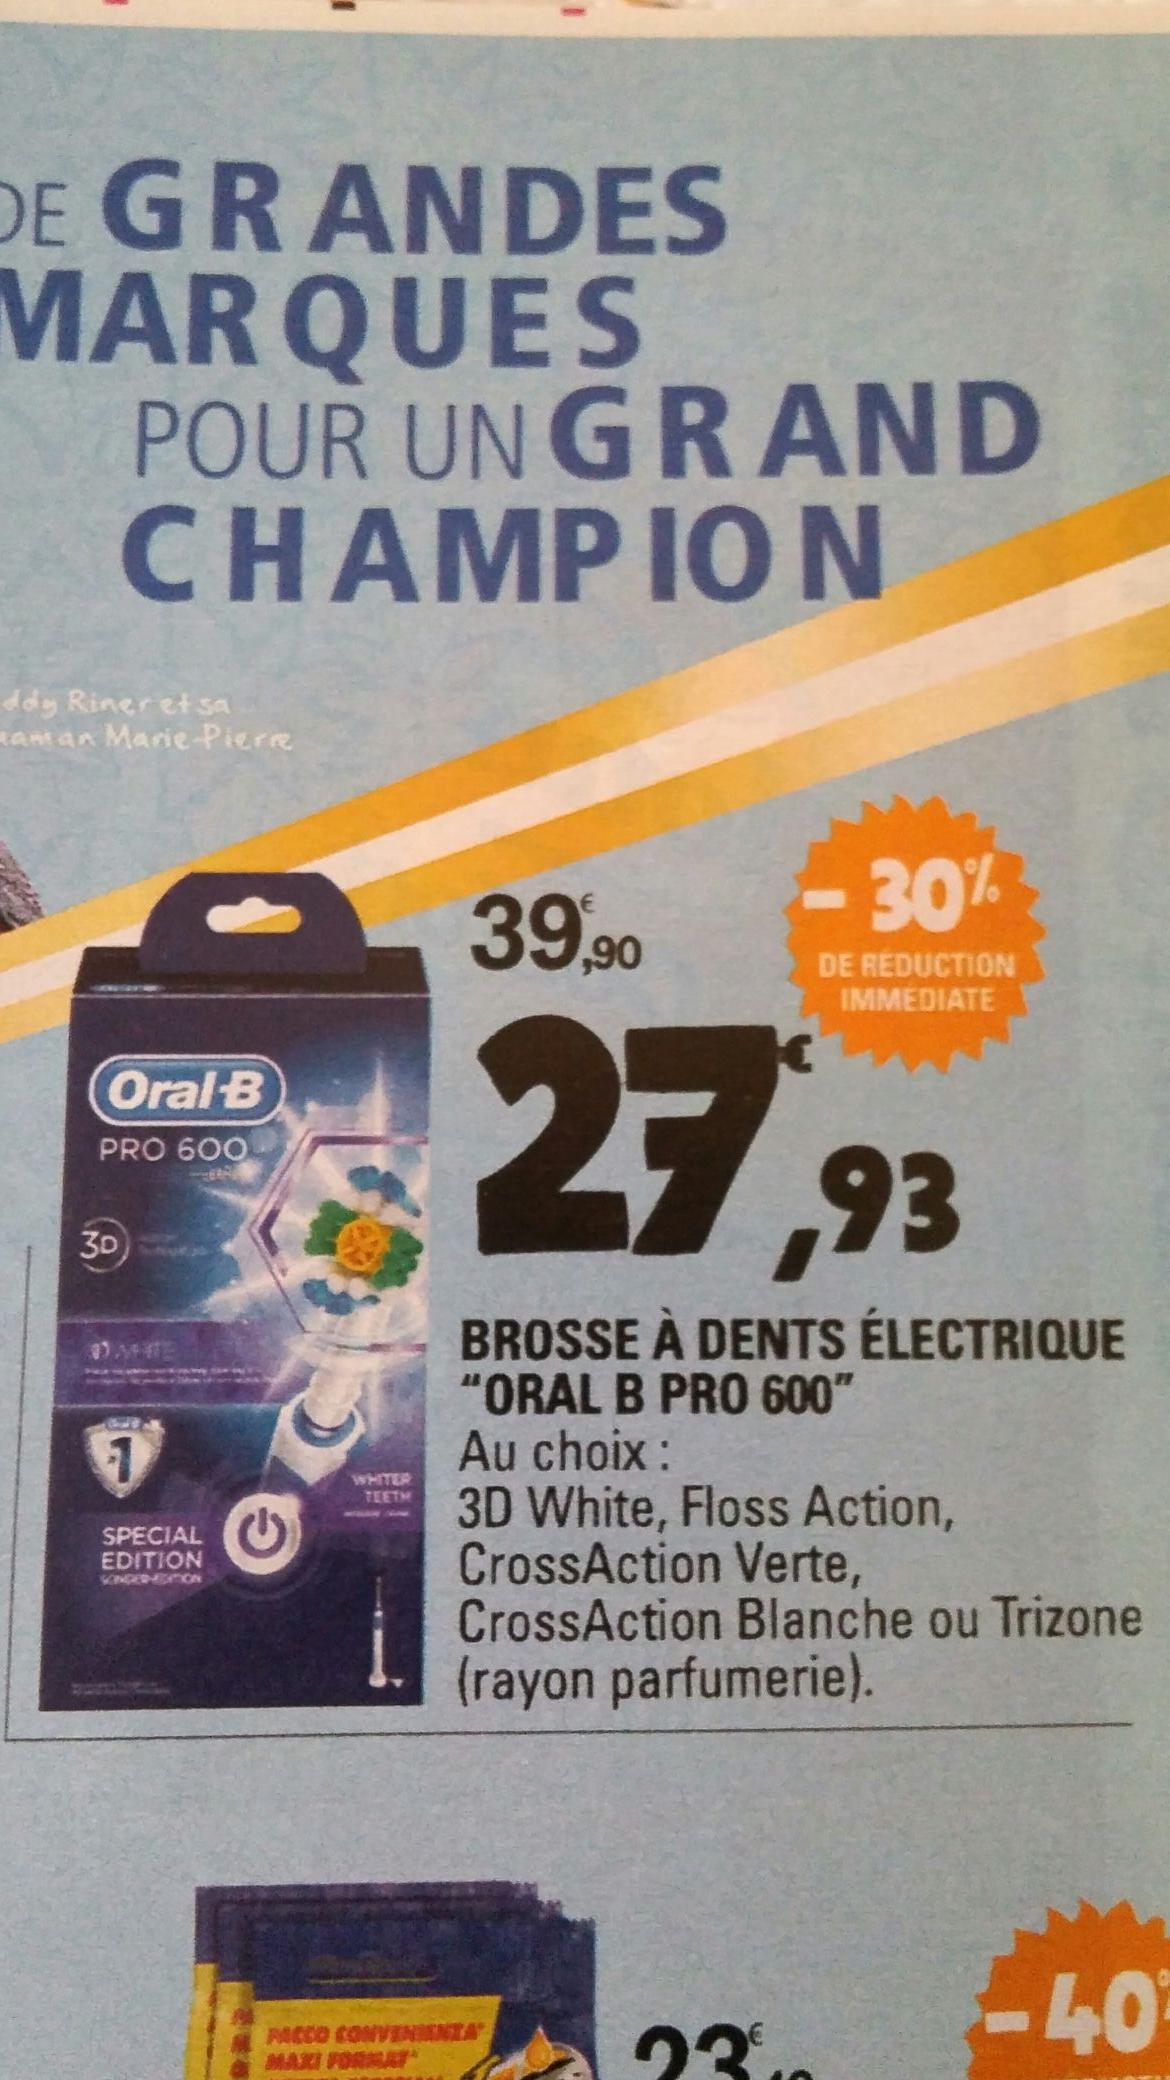 Brosse à dent électrique Oral-B Pro 600 (via ODR de 15€)